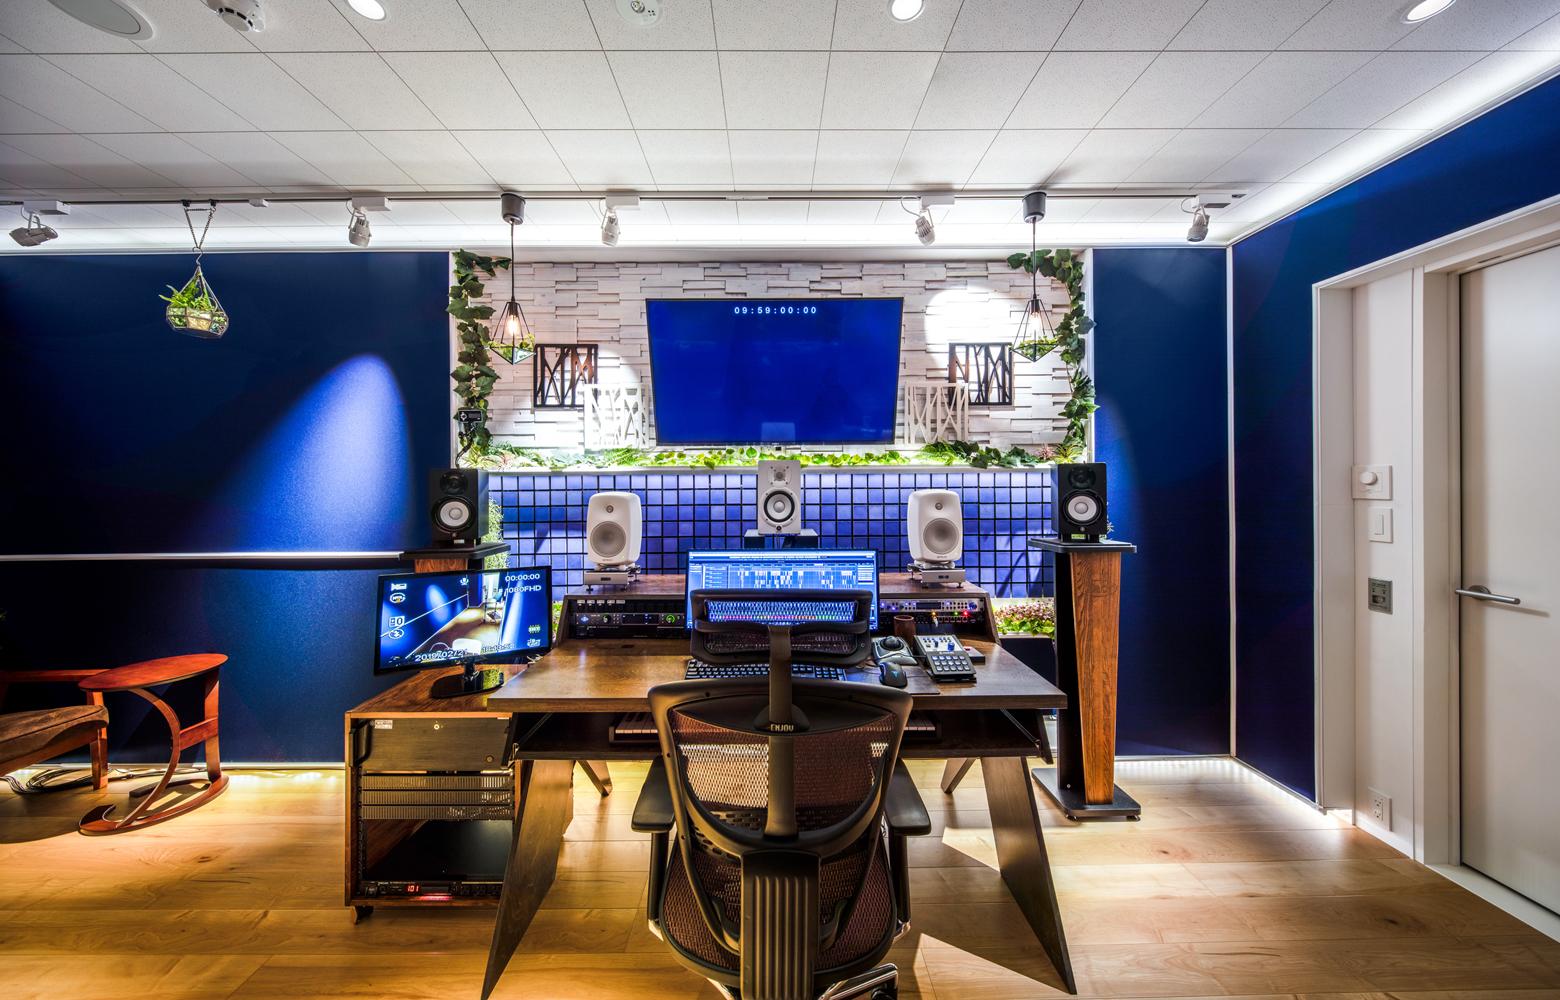 KLab株式会社 Roppongi Office Recording Studio_2 デザイン・レイアウト事例